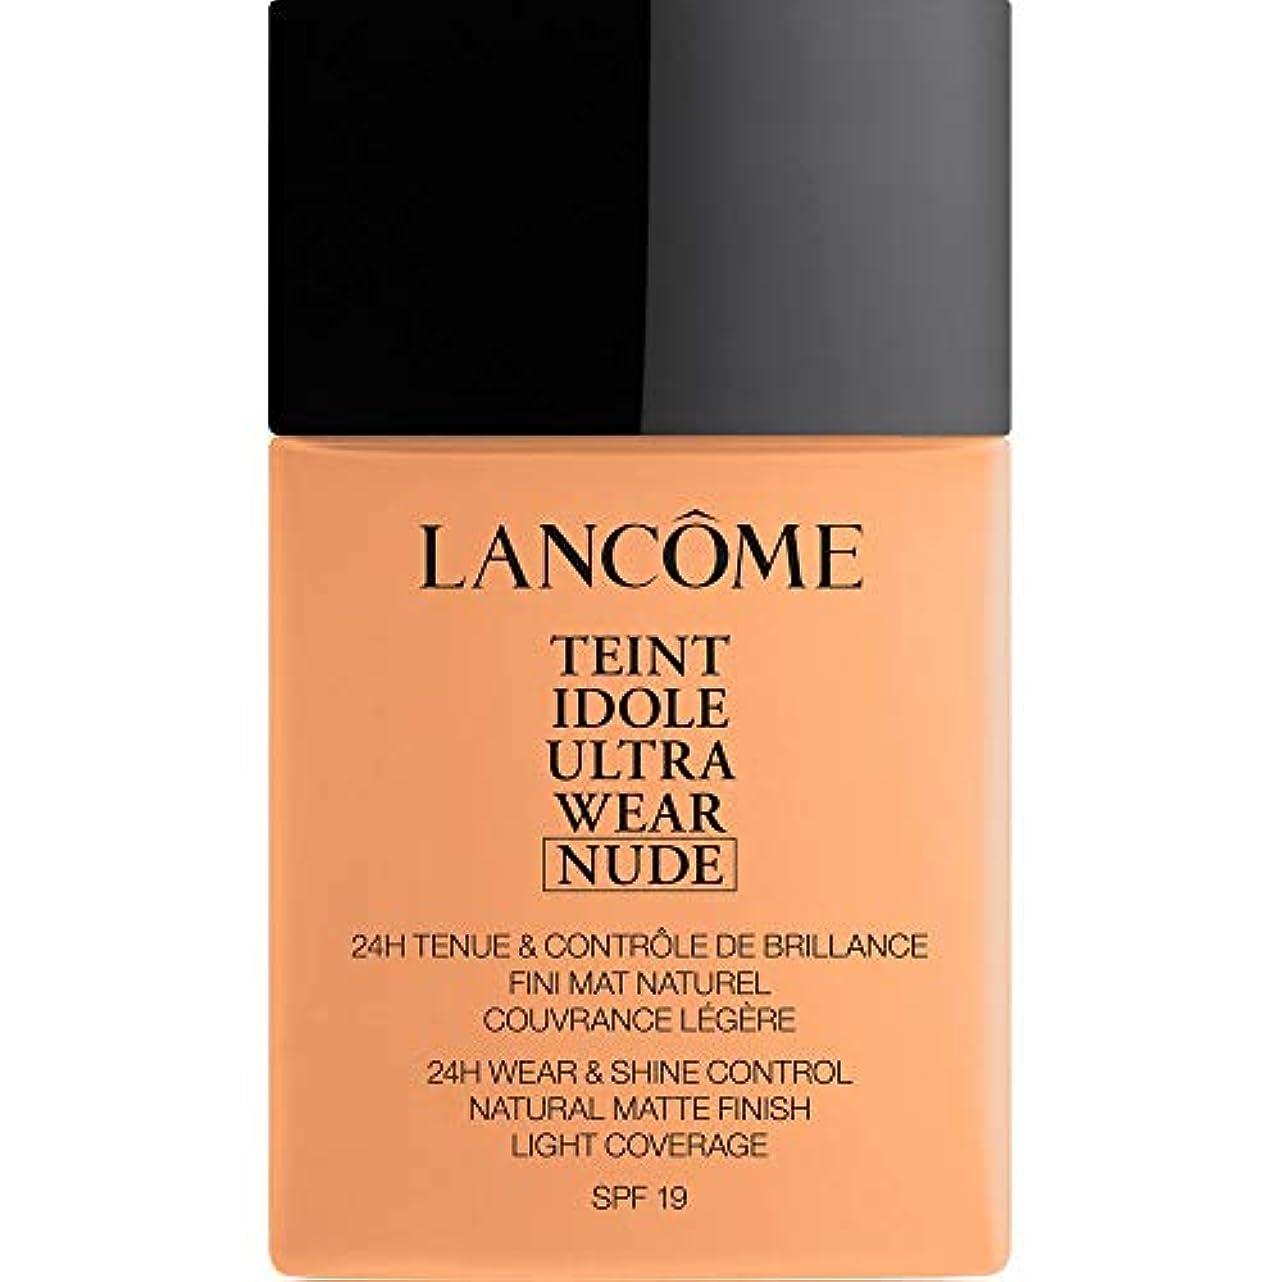 一部ハイジャック葉[Lanc?me ] ランコムTeintのIdole超摩耗ヌード財団Spf19の40ミリリットル049 - ベージュのPeche - Lancome Teint Idole Ultra Wear Nude Foundation...